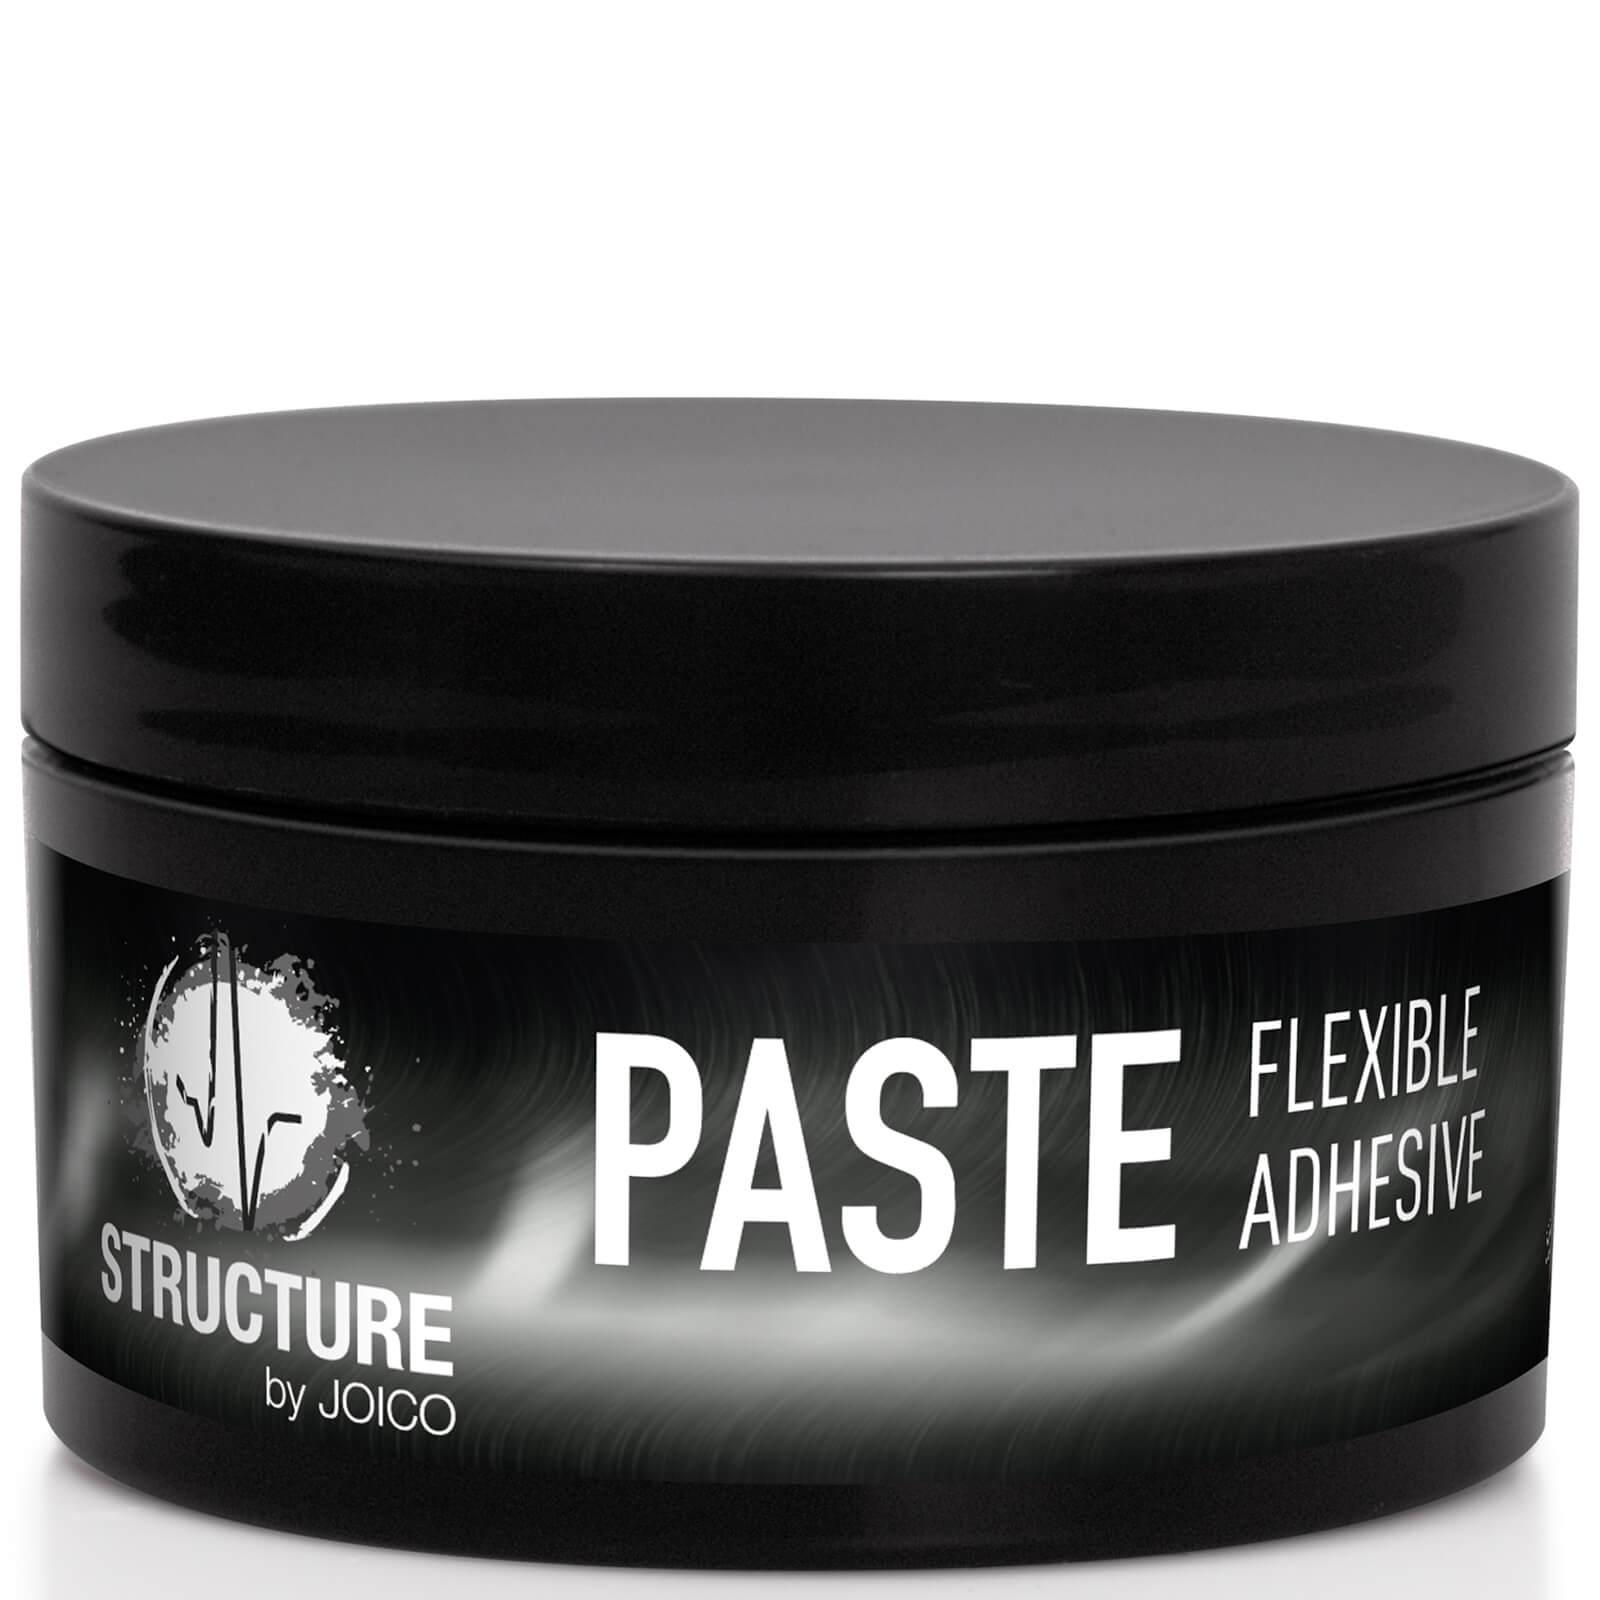 Paste Flexible Adhesive